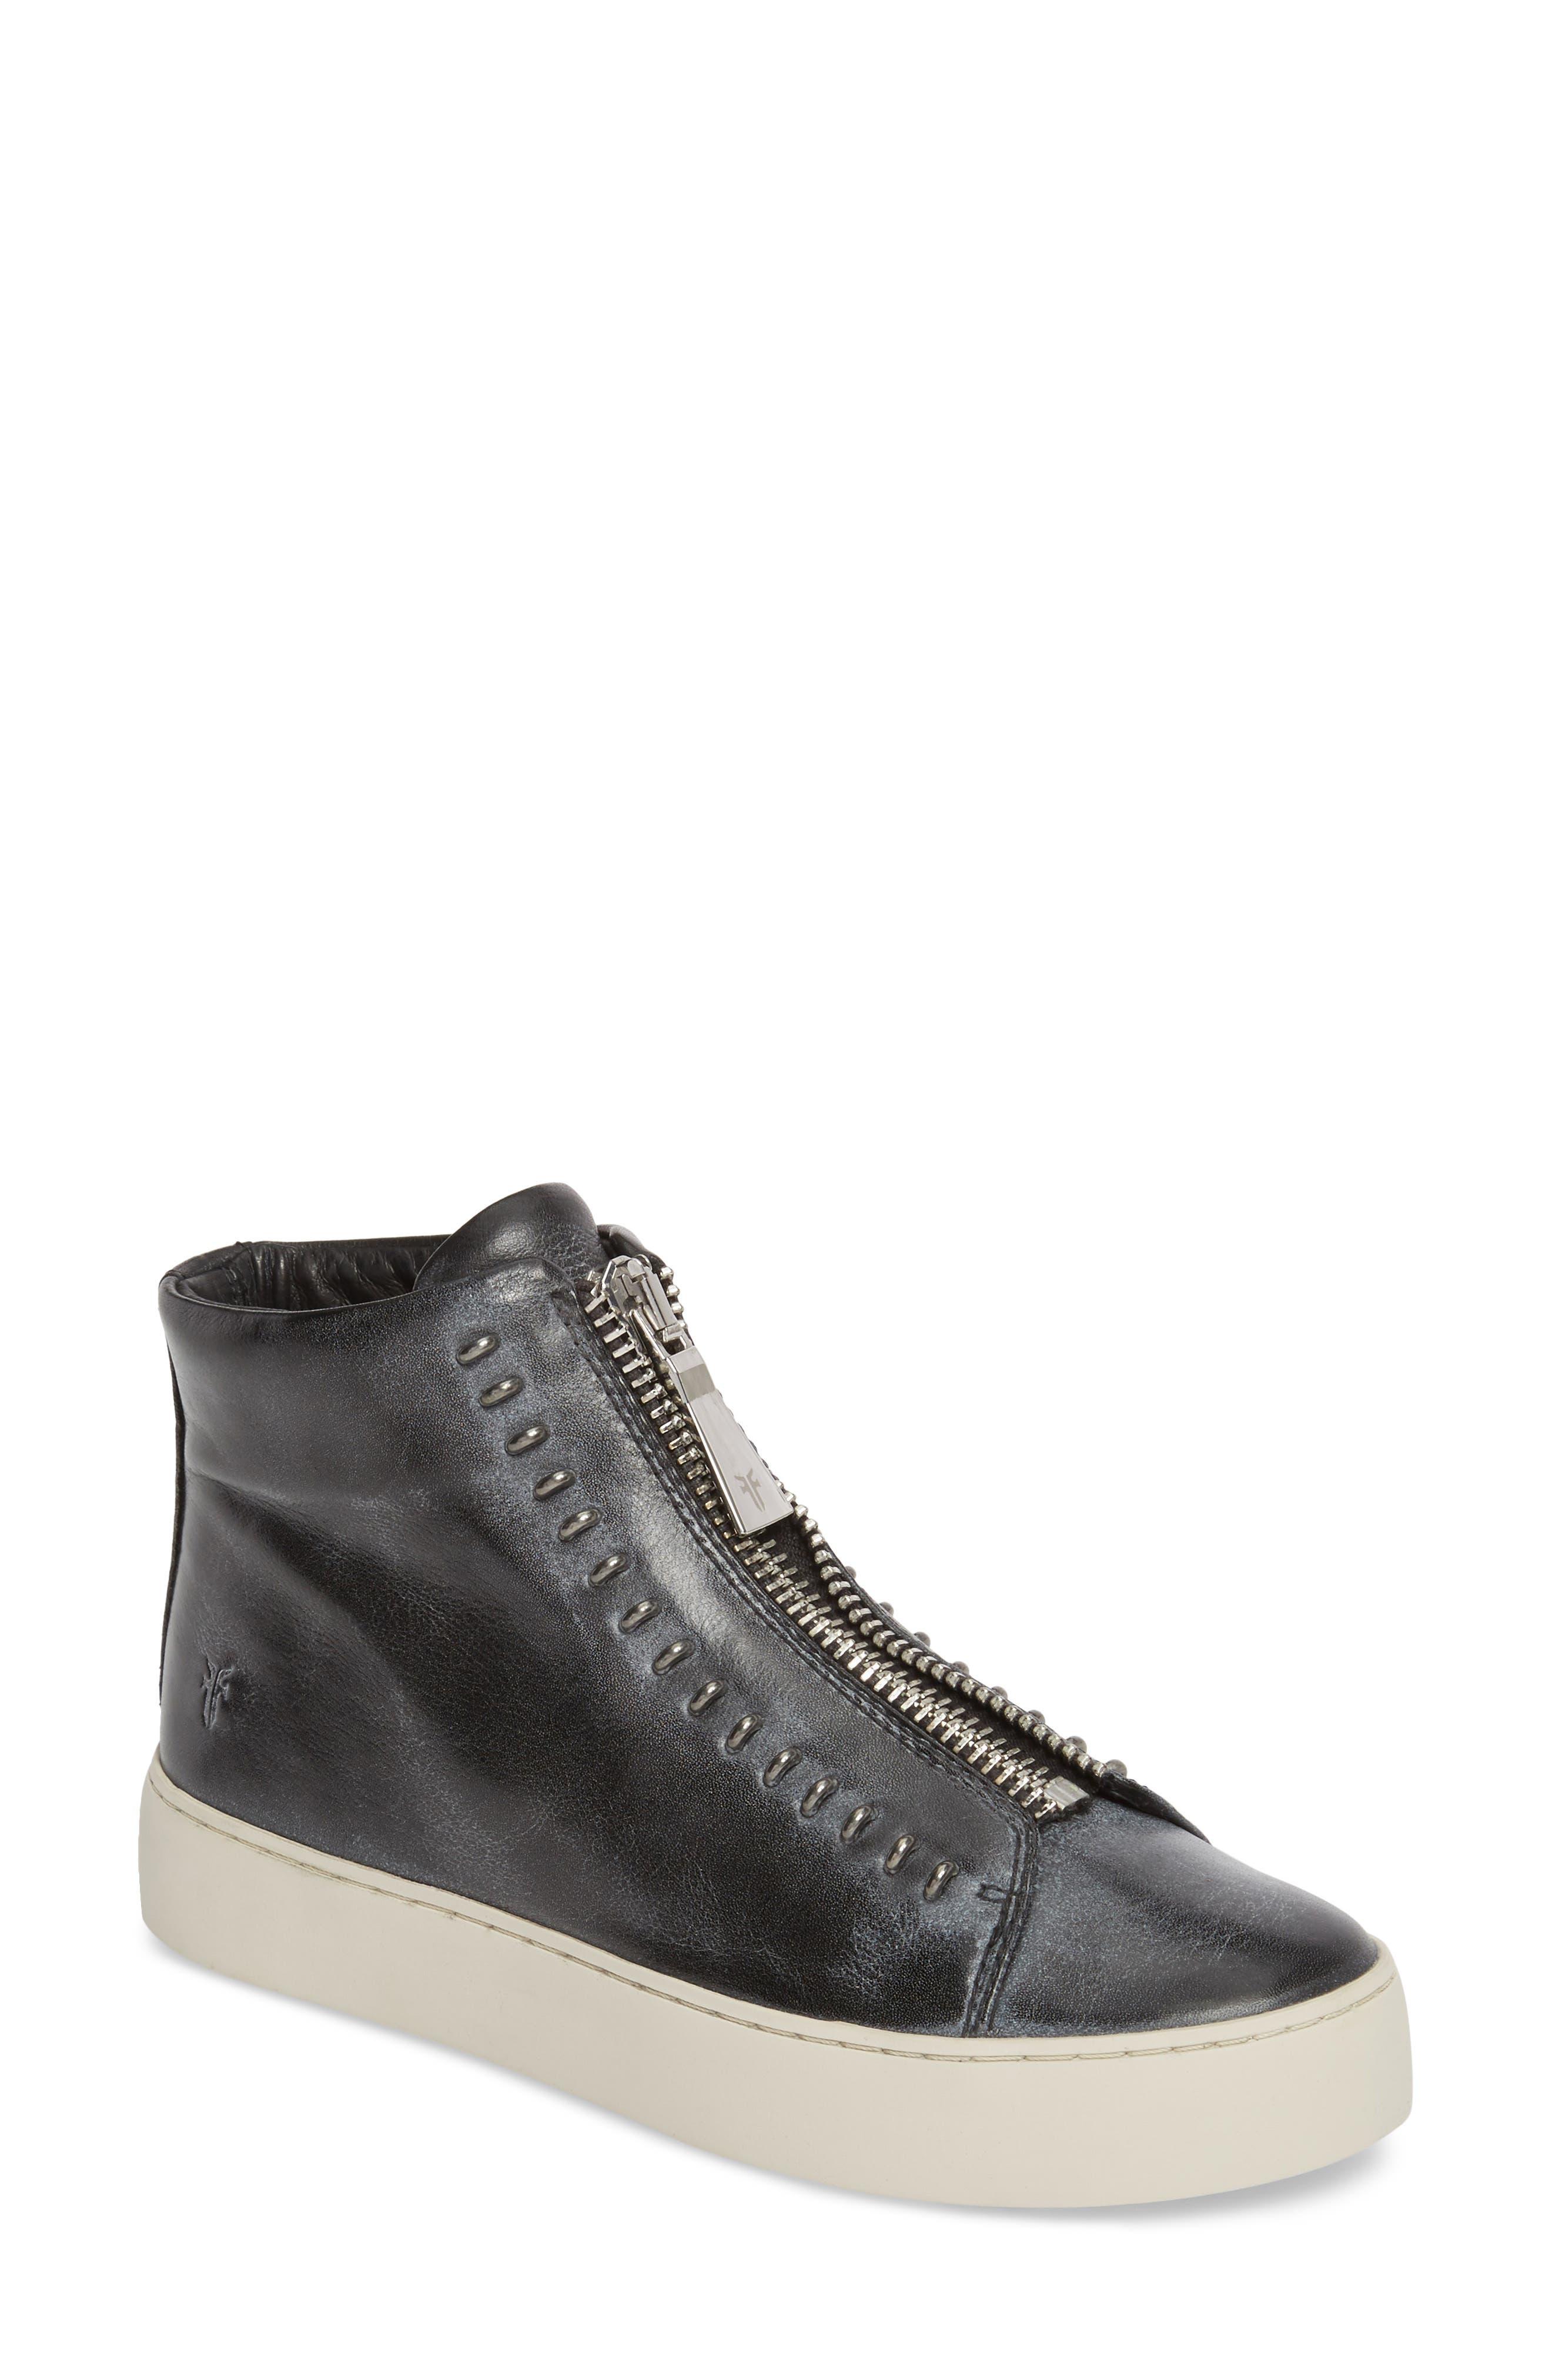 Frye Lena Rebel Zip High Top Sneaker (Women)